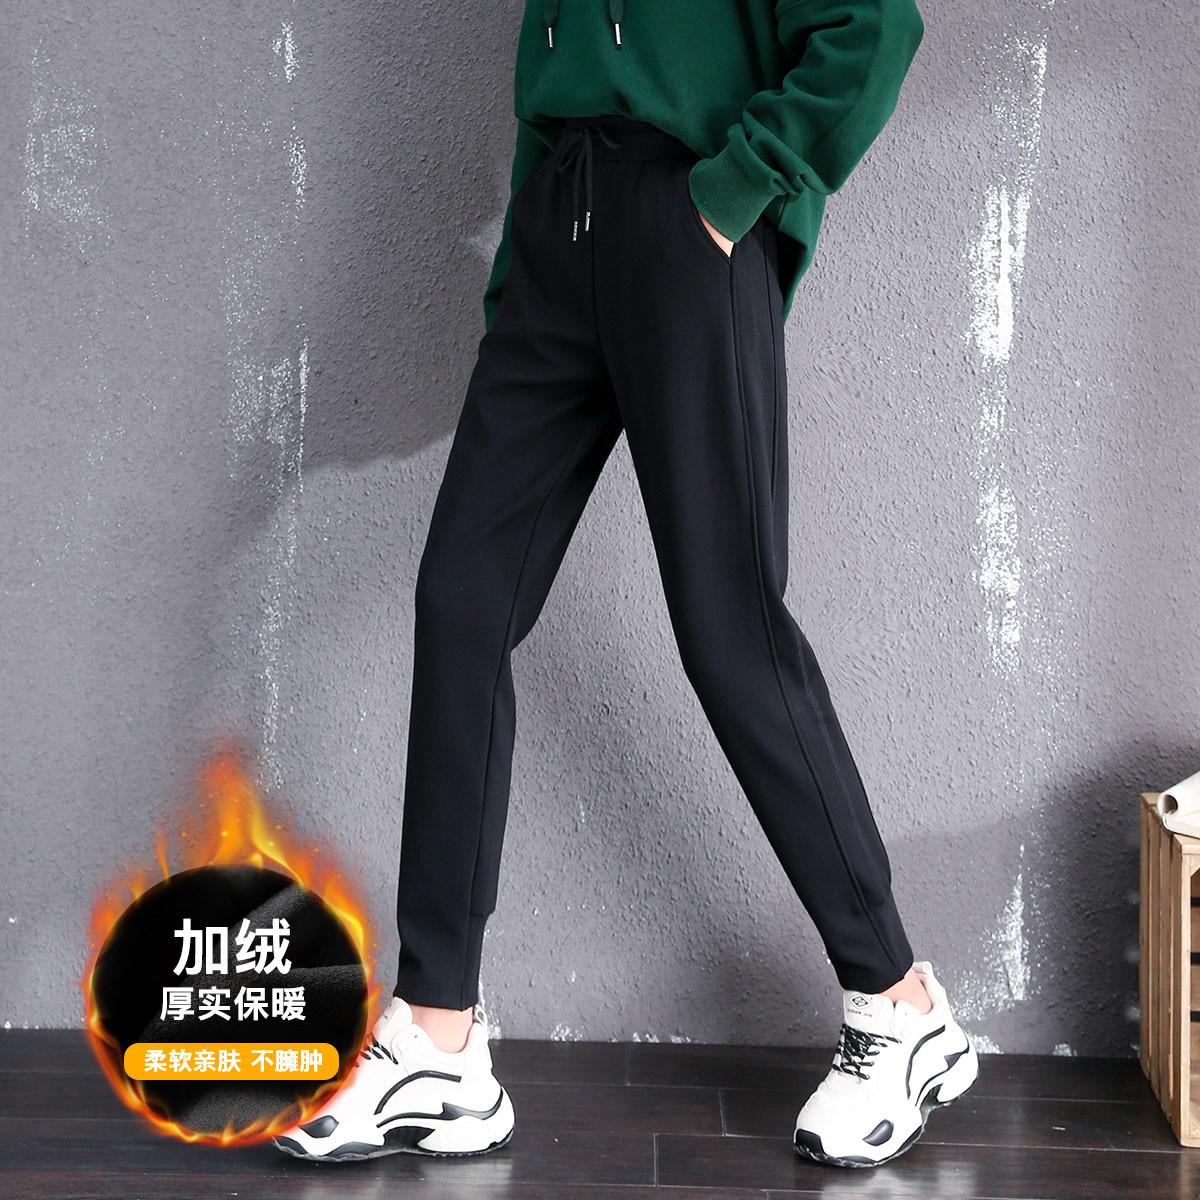 【加绒保暖】拉夏贝尔旗下女款休闲长裤季新纯色束脚运动裤